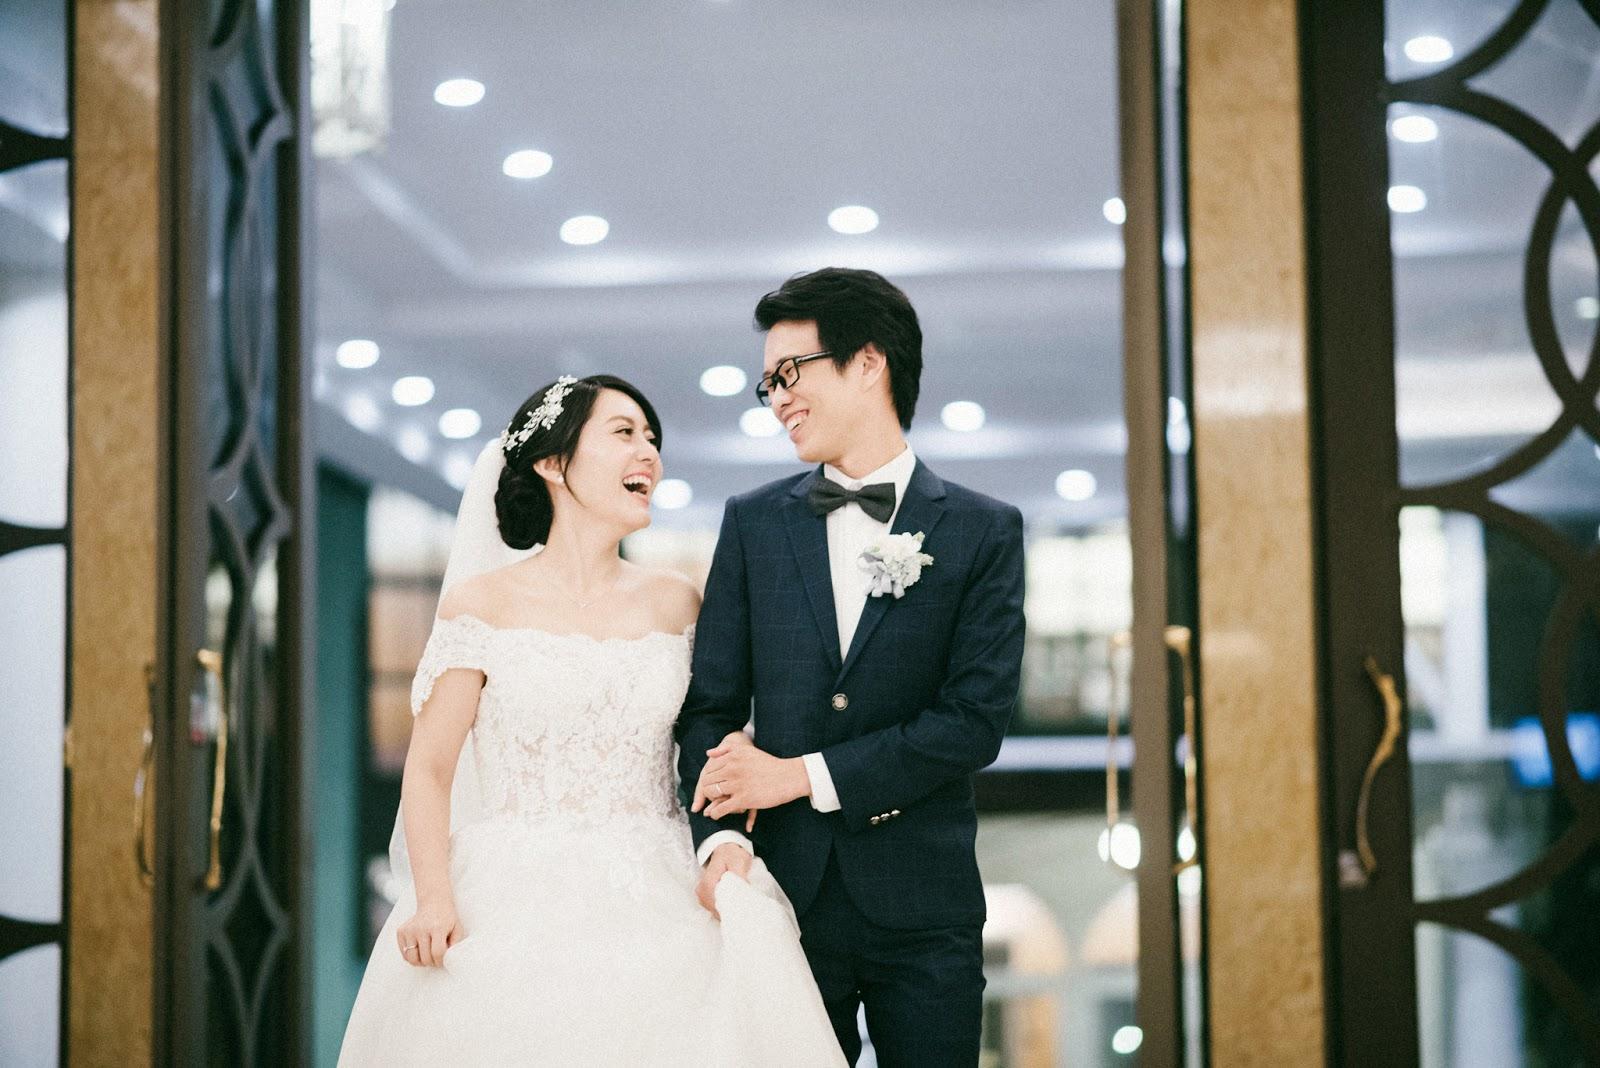 南部婚攝, 台南婚攝, 派大楊, 紀實攝影, 婚拍, 婚宴, 推薦, 台南商務會館, 致穩商旅, getmarry, PTT, Wedding,